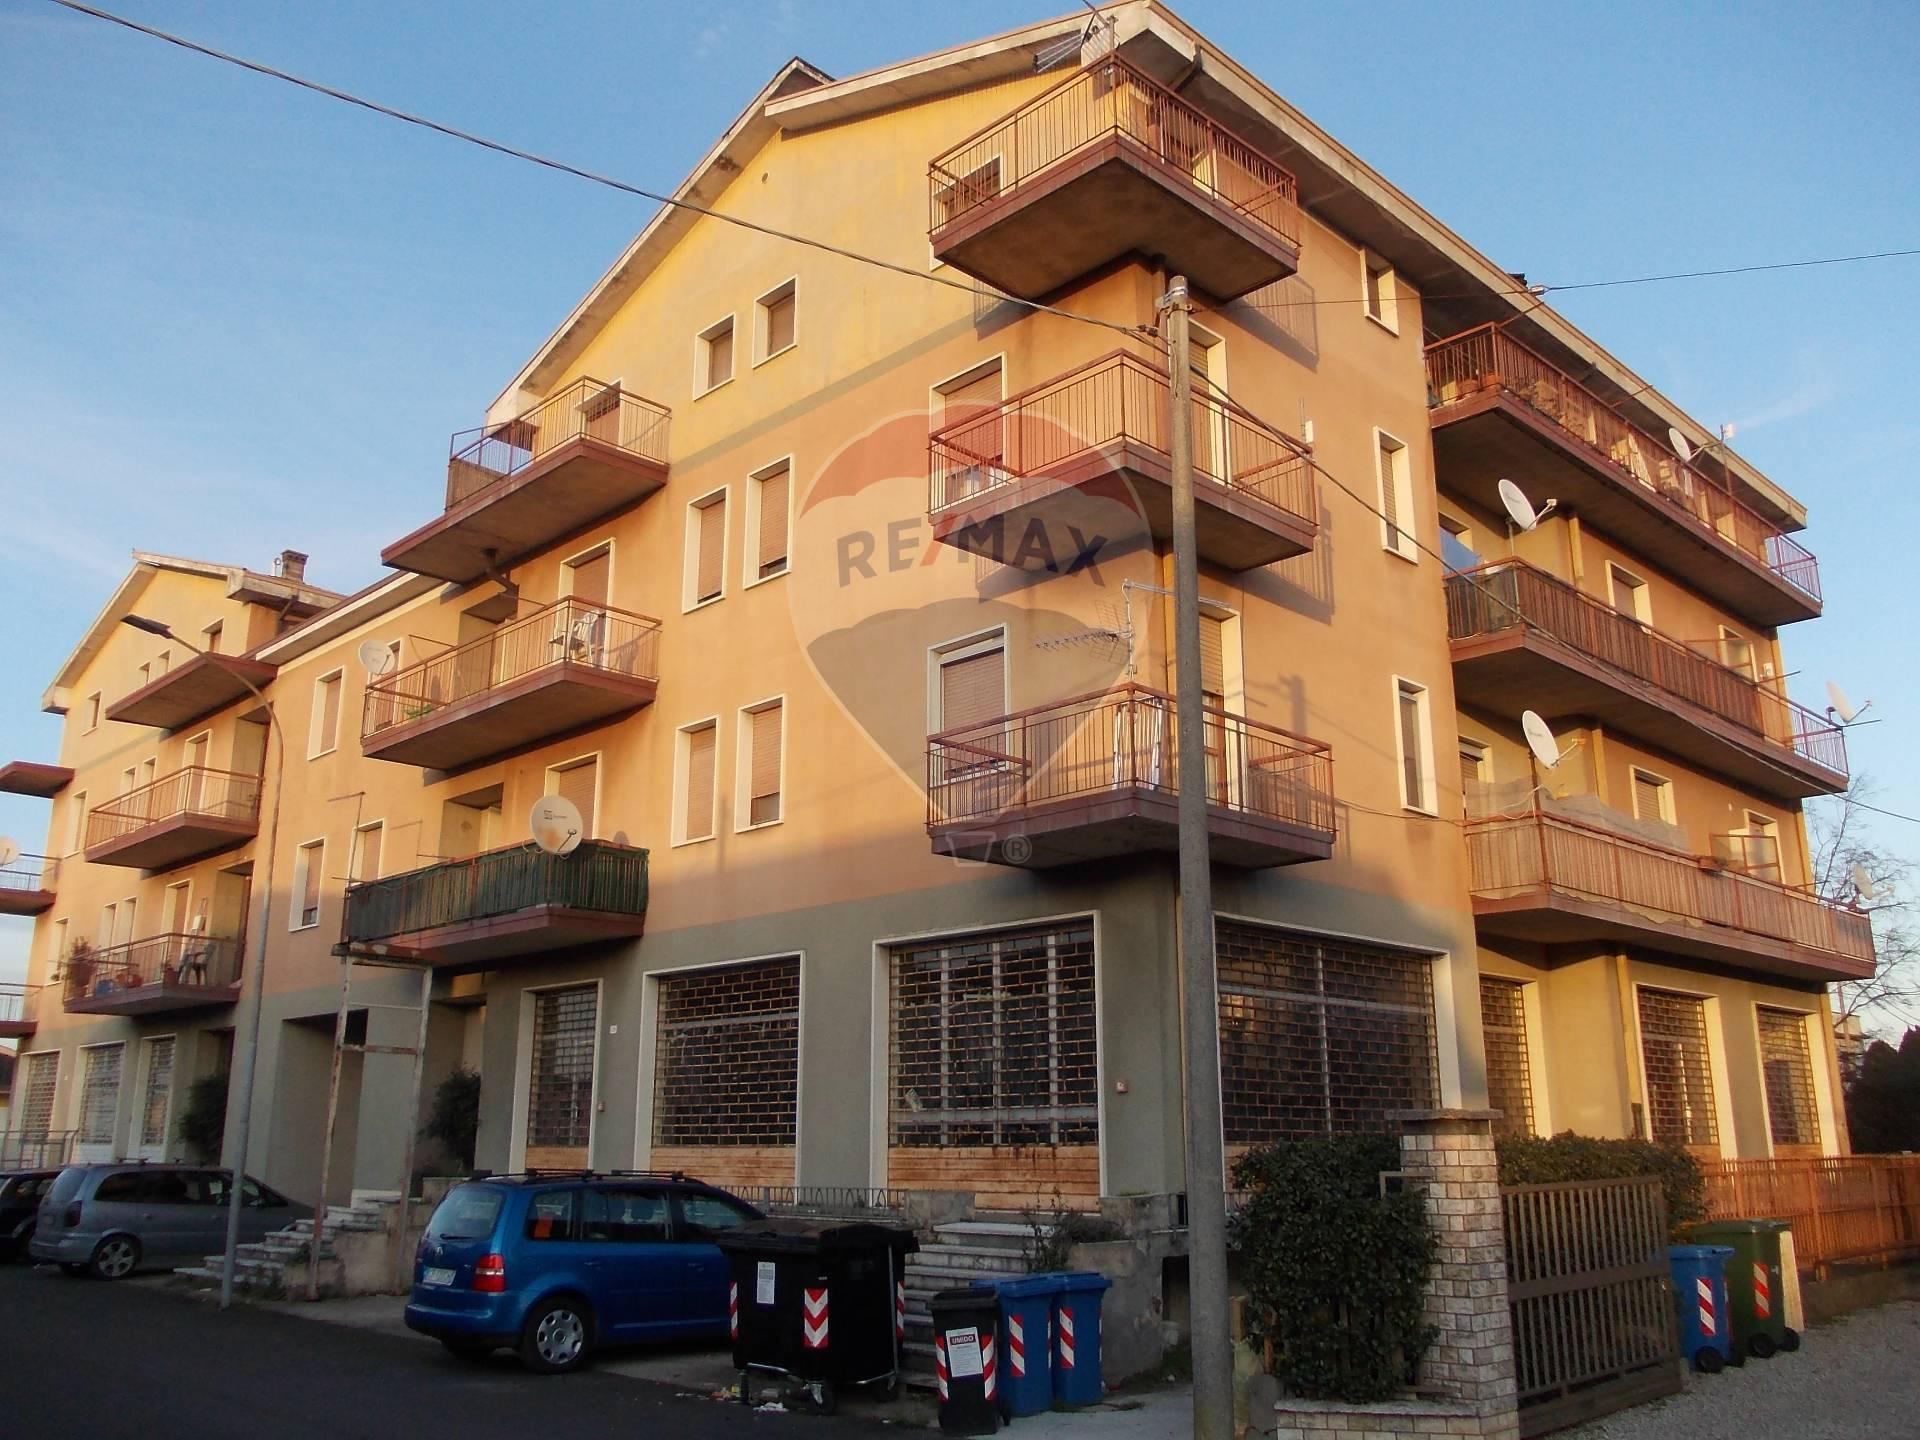 Appartamento in vendita a Sanguinetto, 52 locali, prezzo € 270.000   CambioCasa.it